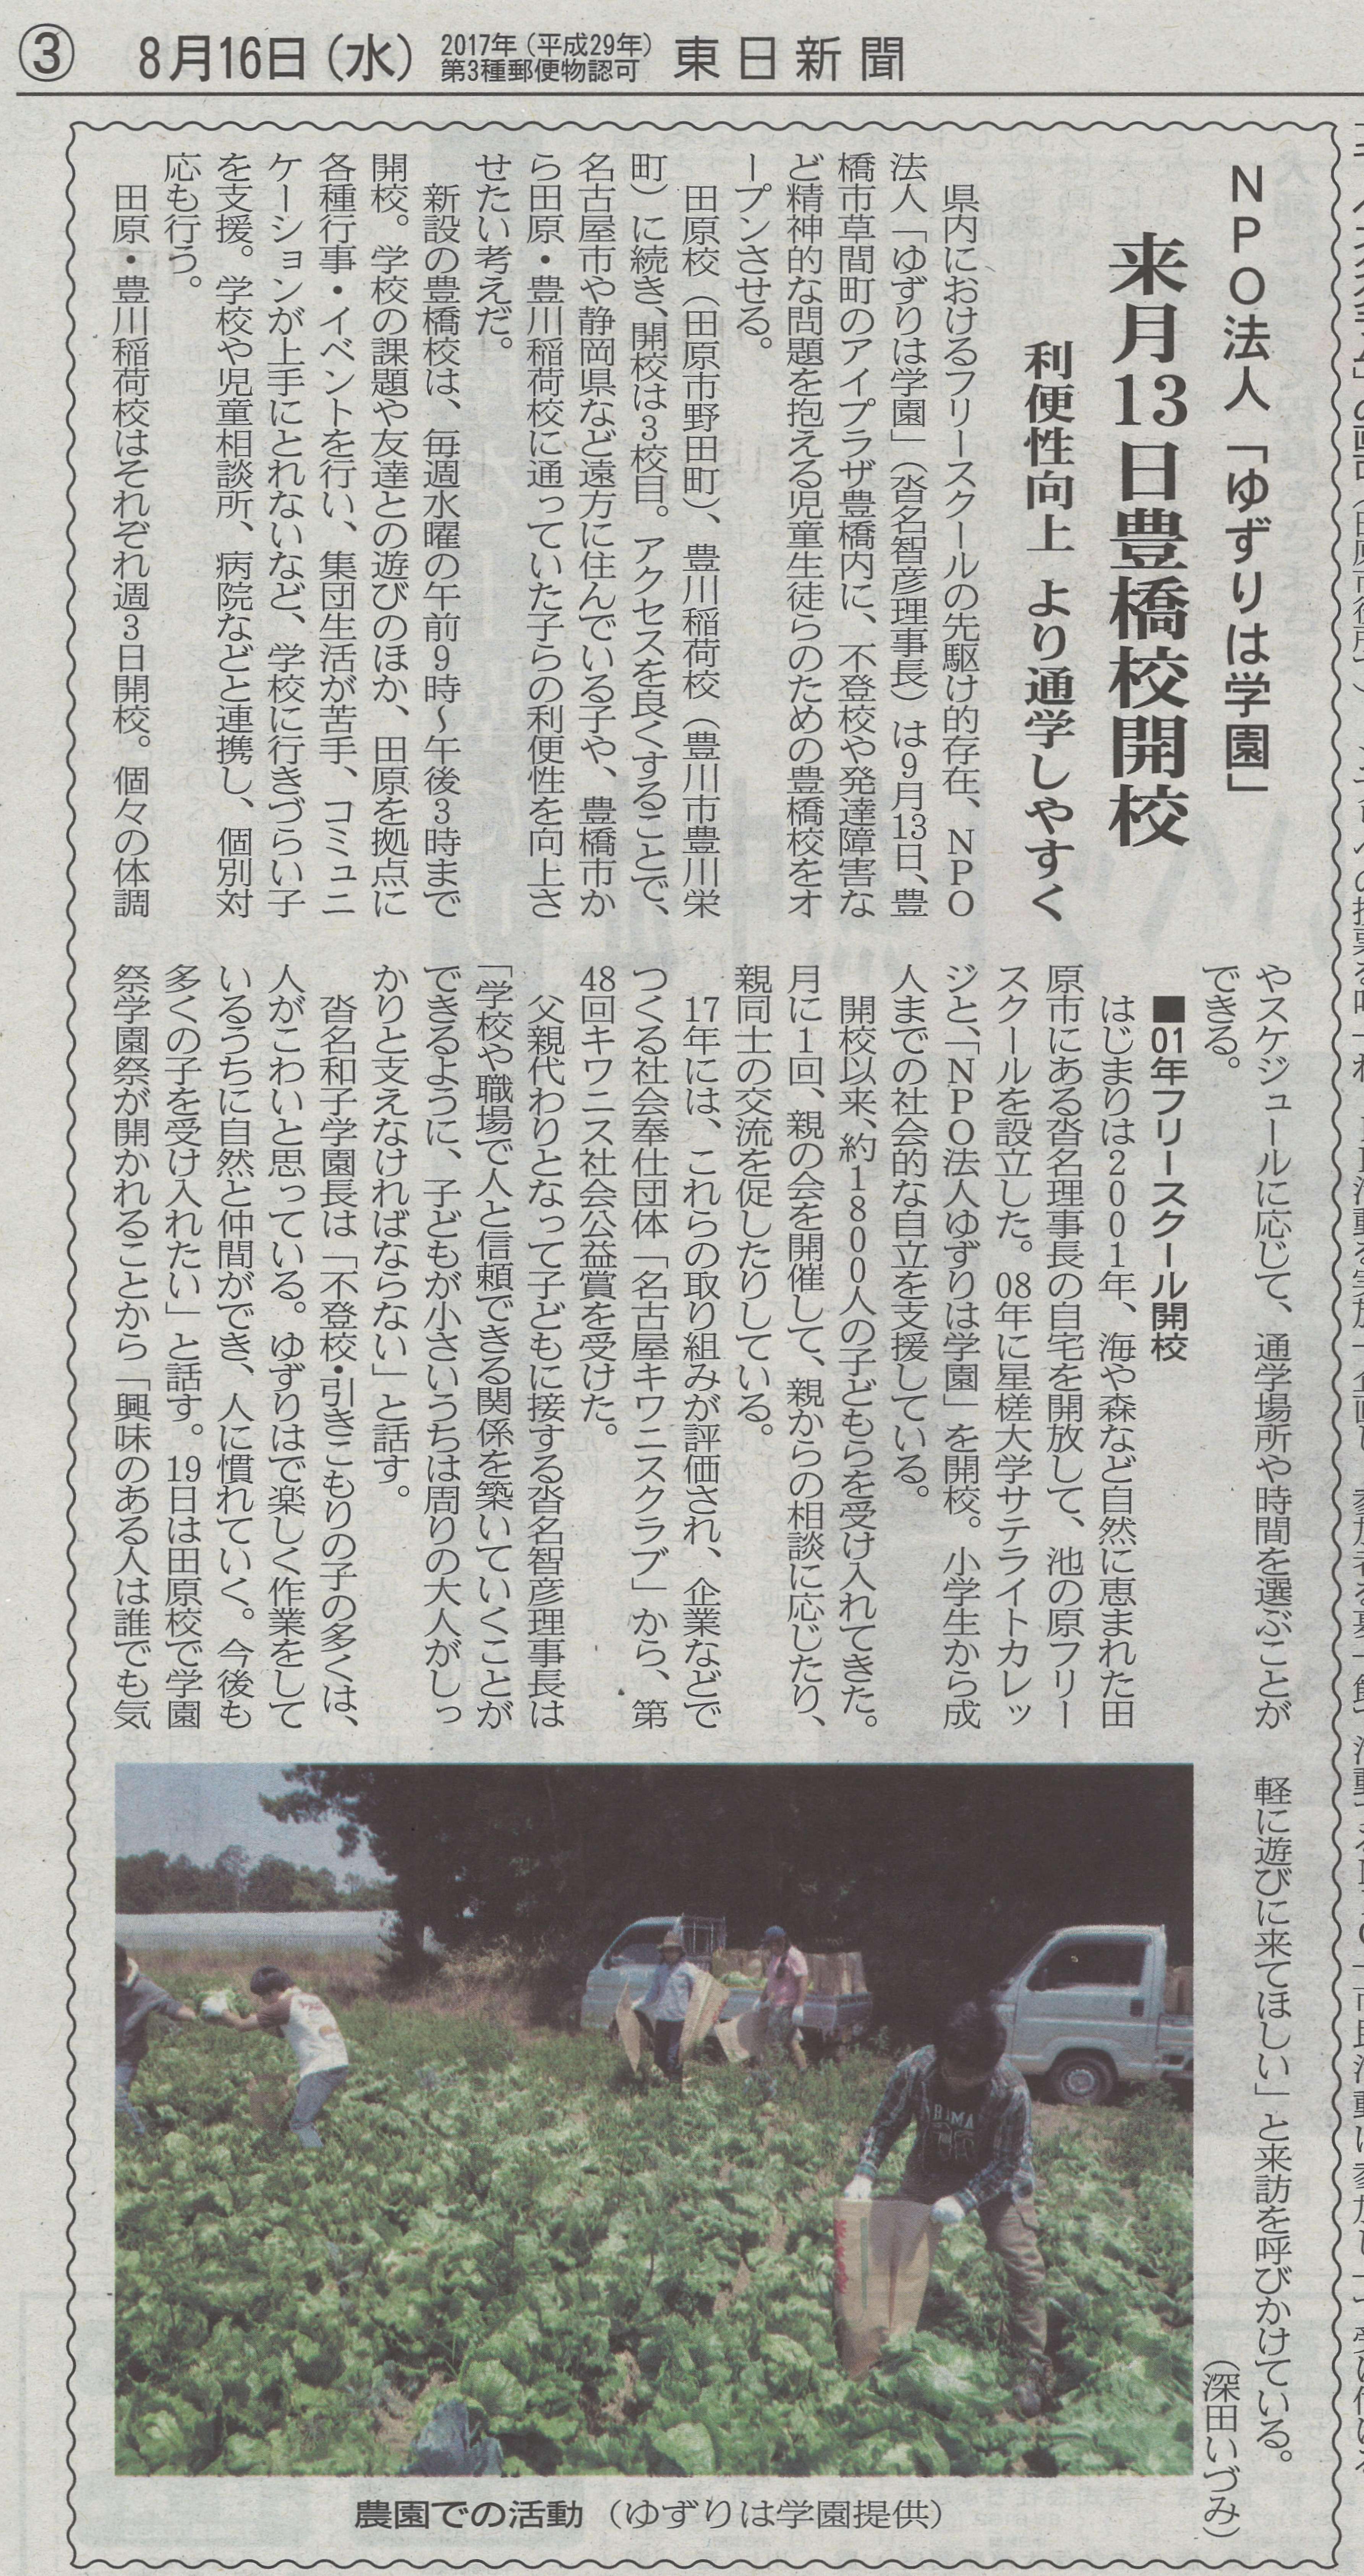 053_東日新聞掲載「来月13日豊橋校開校」